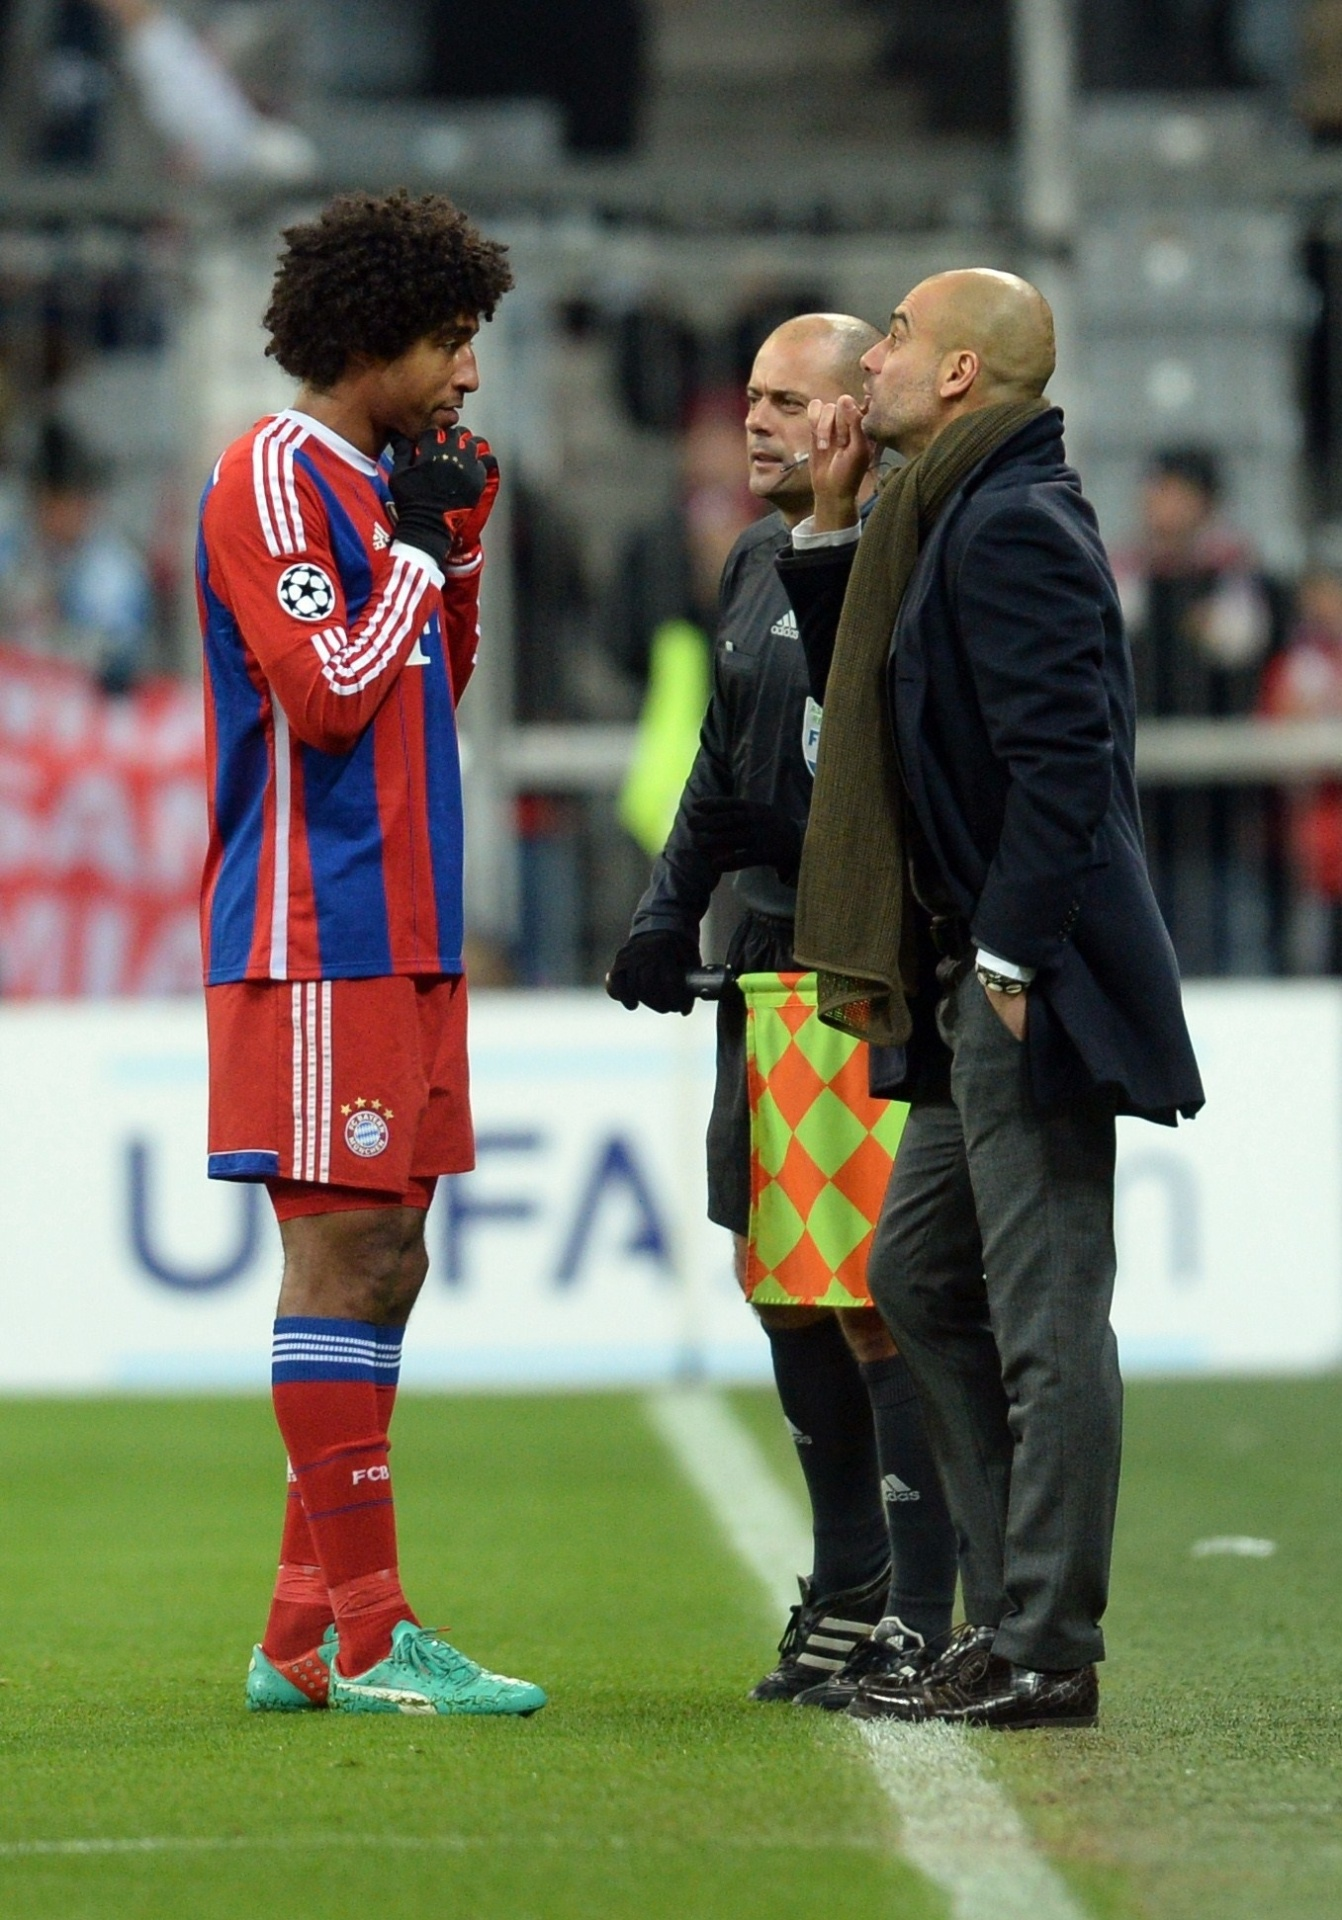 Dante conversa com Guardiola durante jogo do Bayern de Munique na Liga dos Campeões